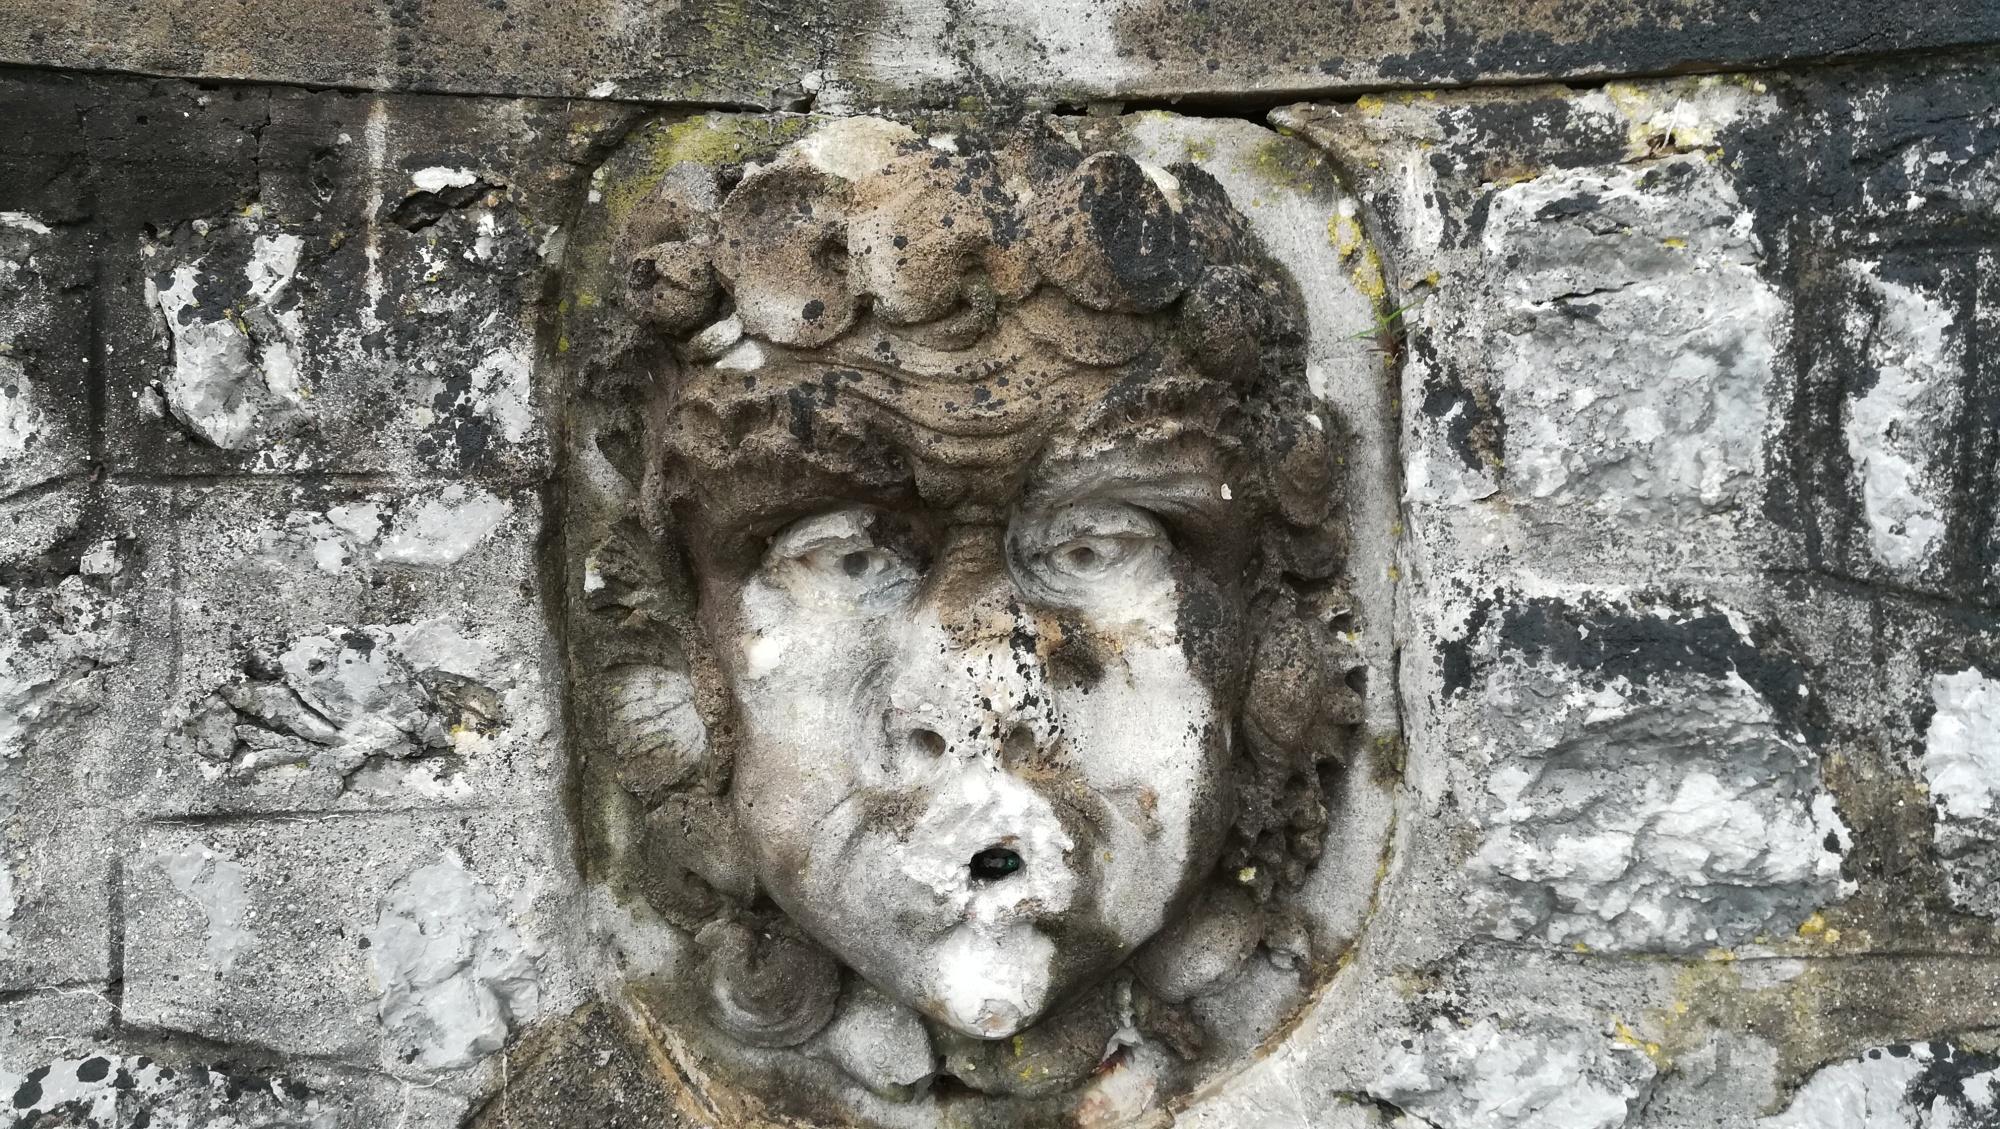 Foto: Verwittertes Gesicht aus Stein.